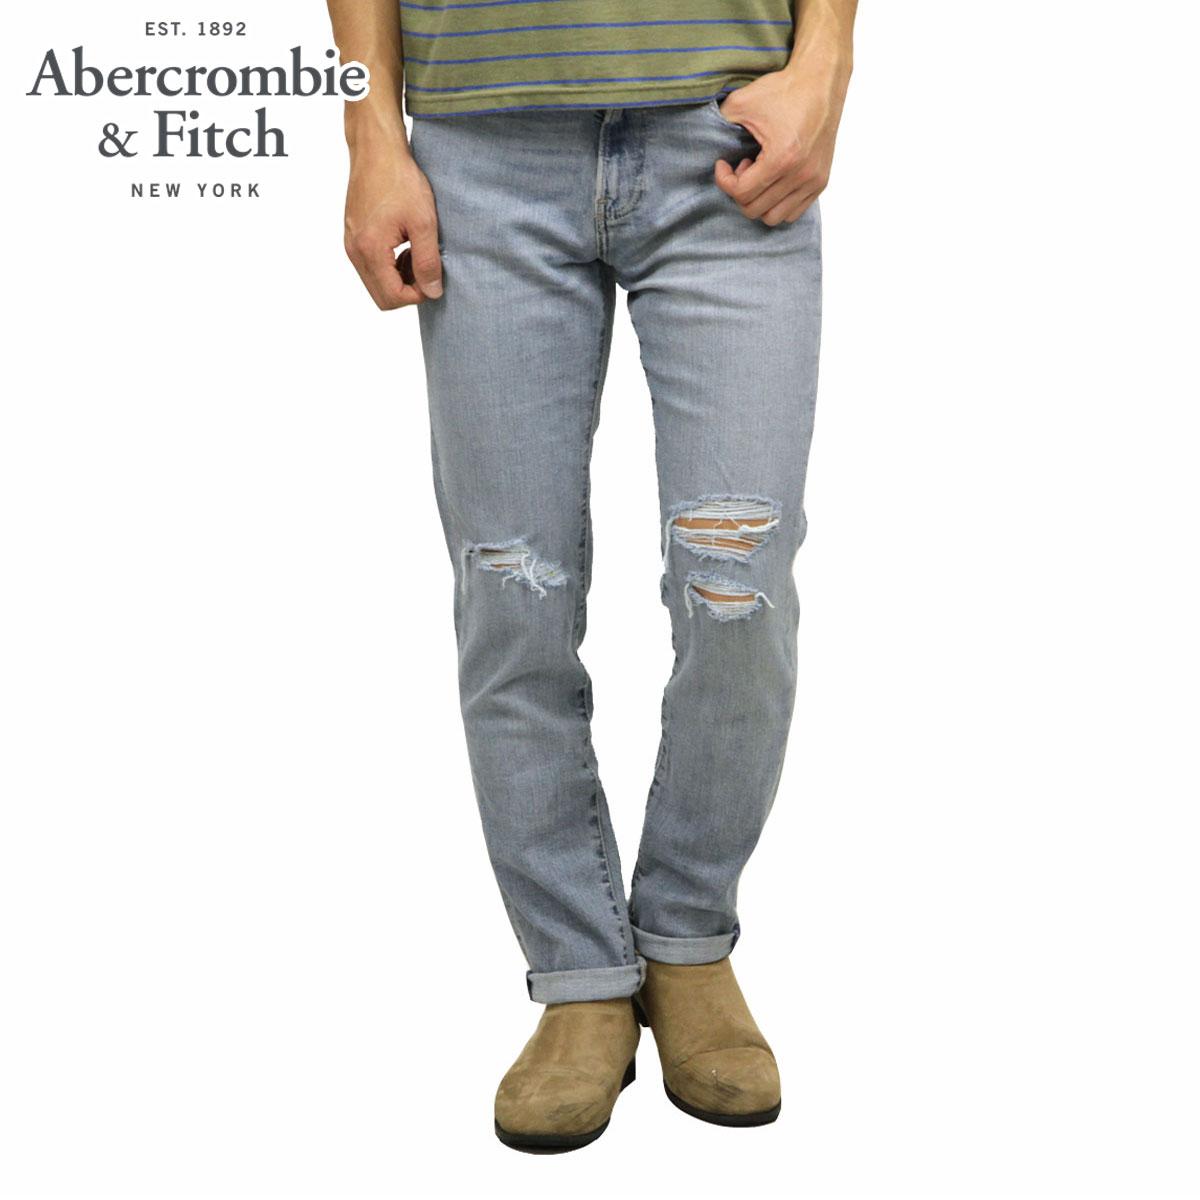 アバクロ Abercrombie&Fitch 正規品 メンズ スキニージーンズ RIPPED ATHLETIC SKINNY JEANS 131-318-1280-281